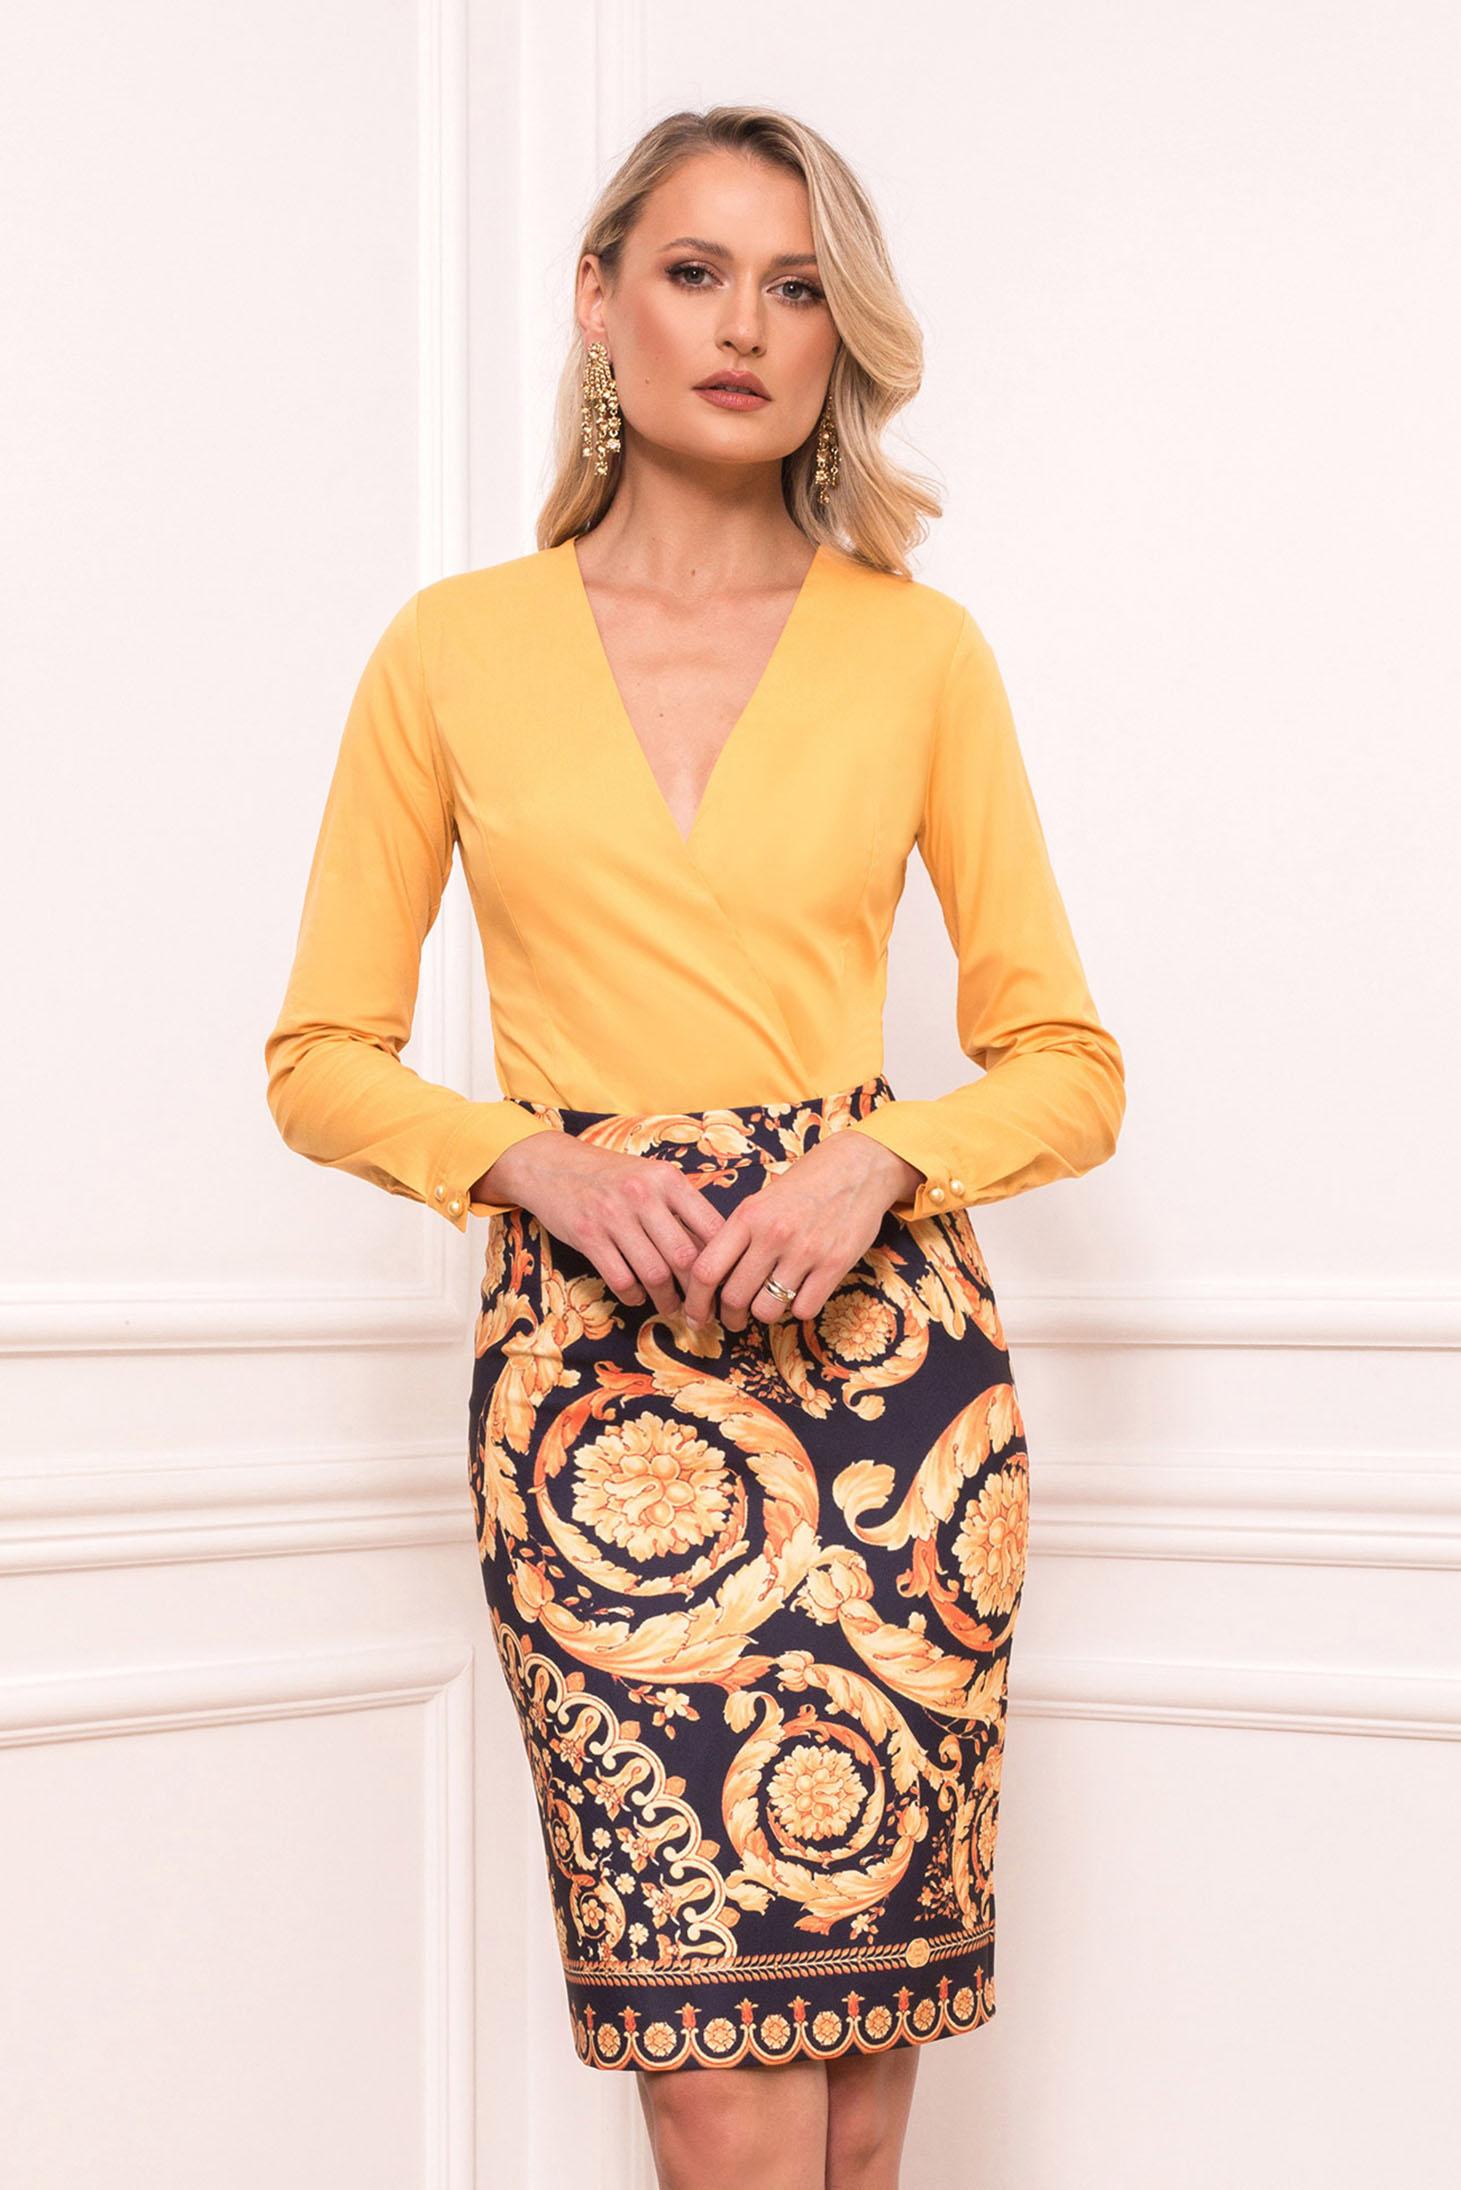 Aranyszínű szoknya elegáns rövid ceruza grafikai díszítéssel bélés nélkül hátul felsliccelt rugalmas anyagból